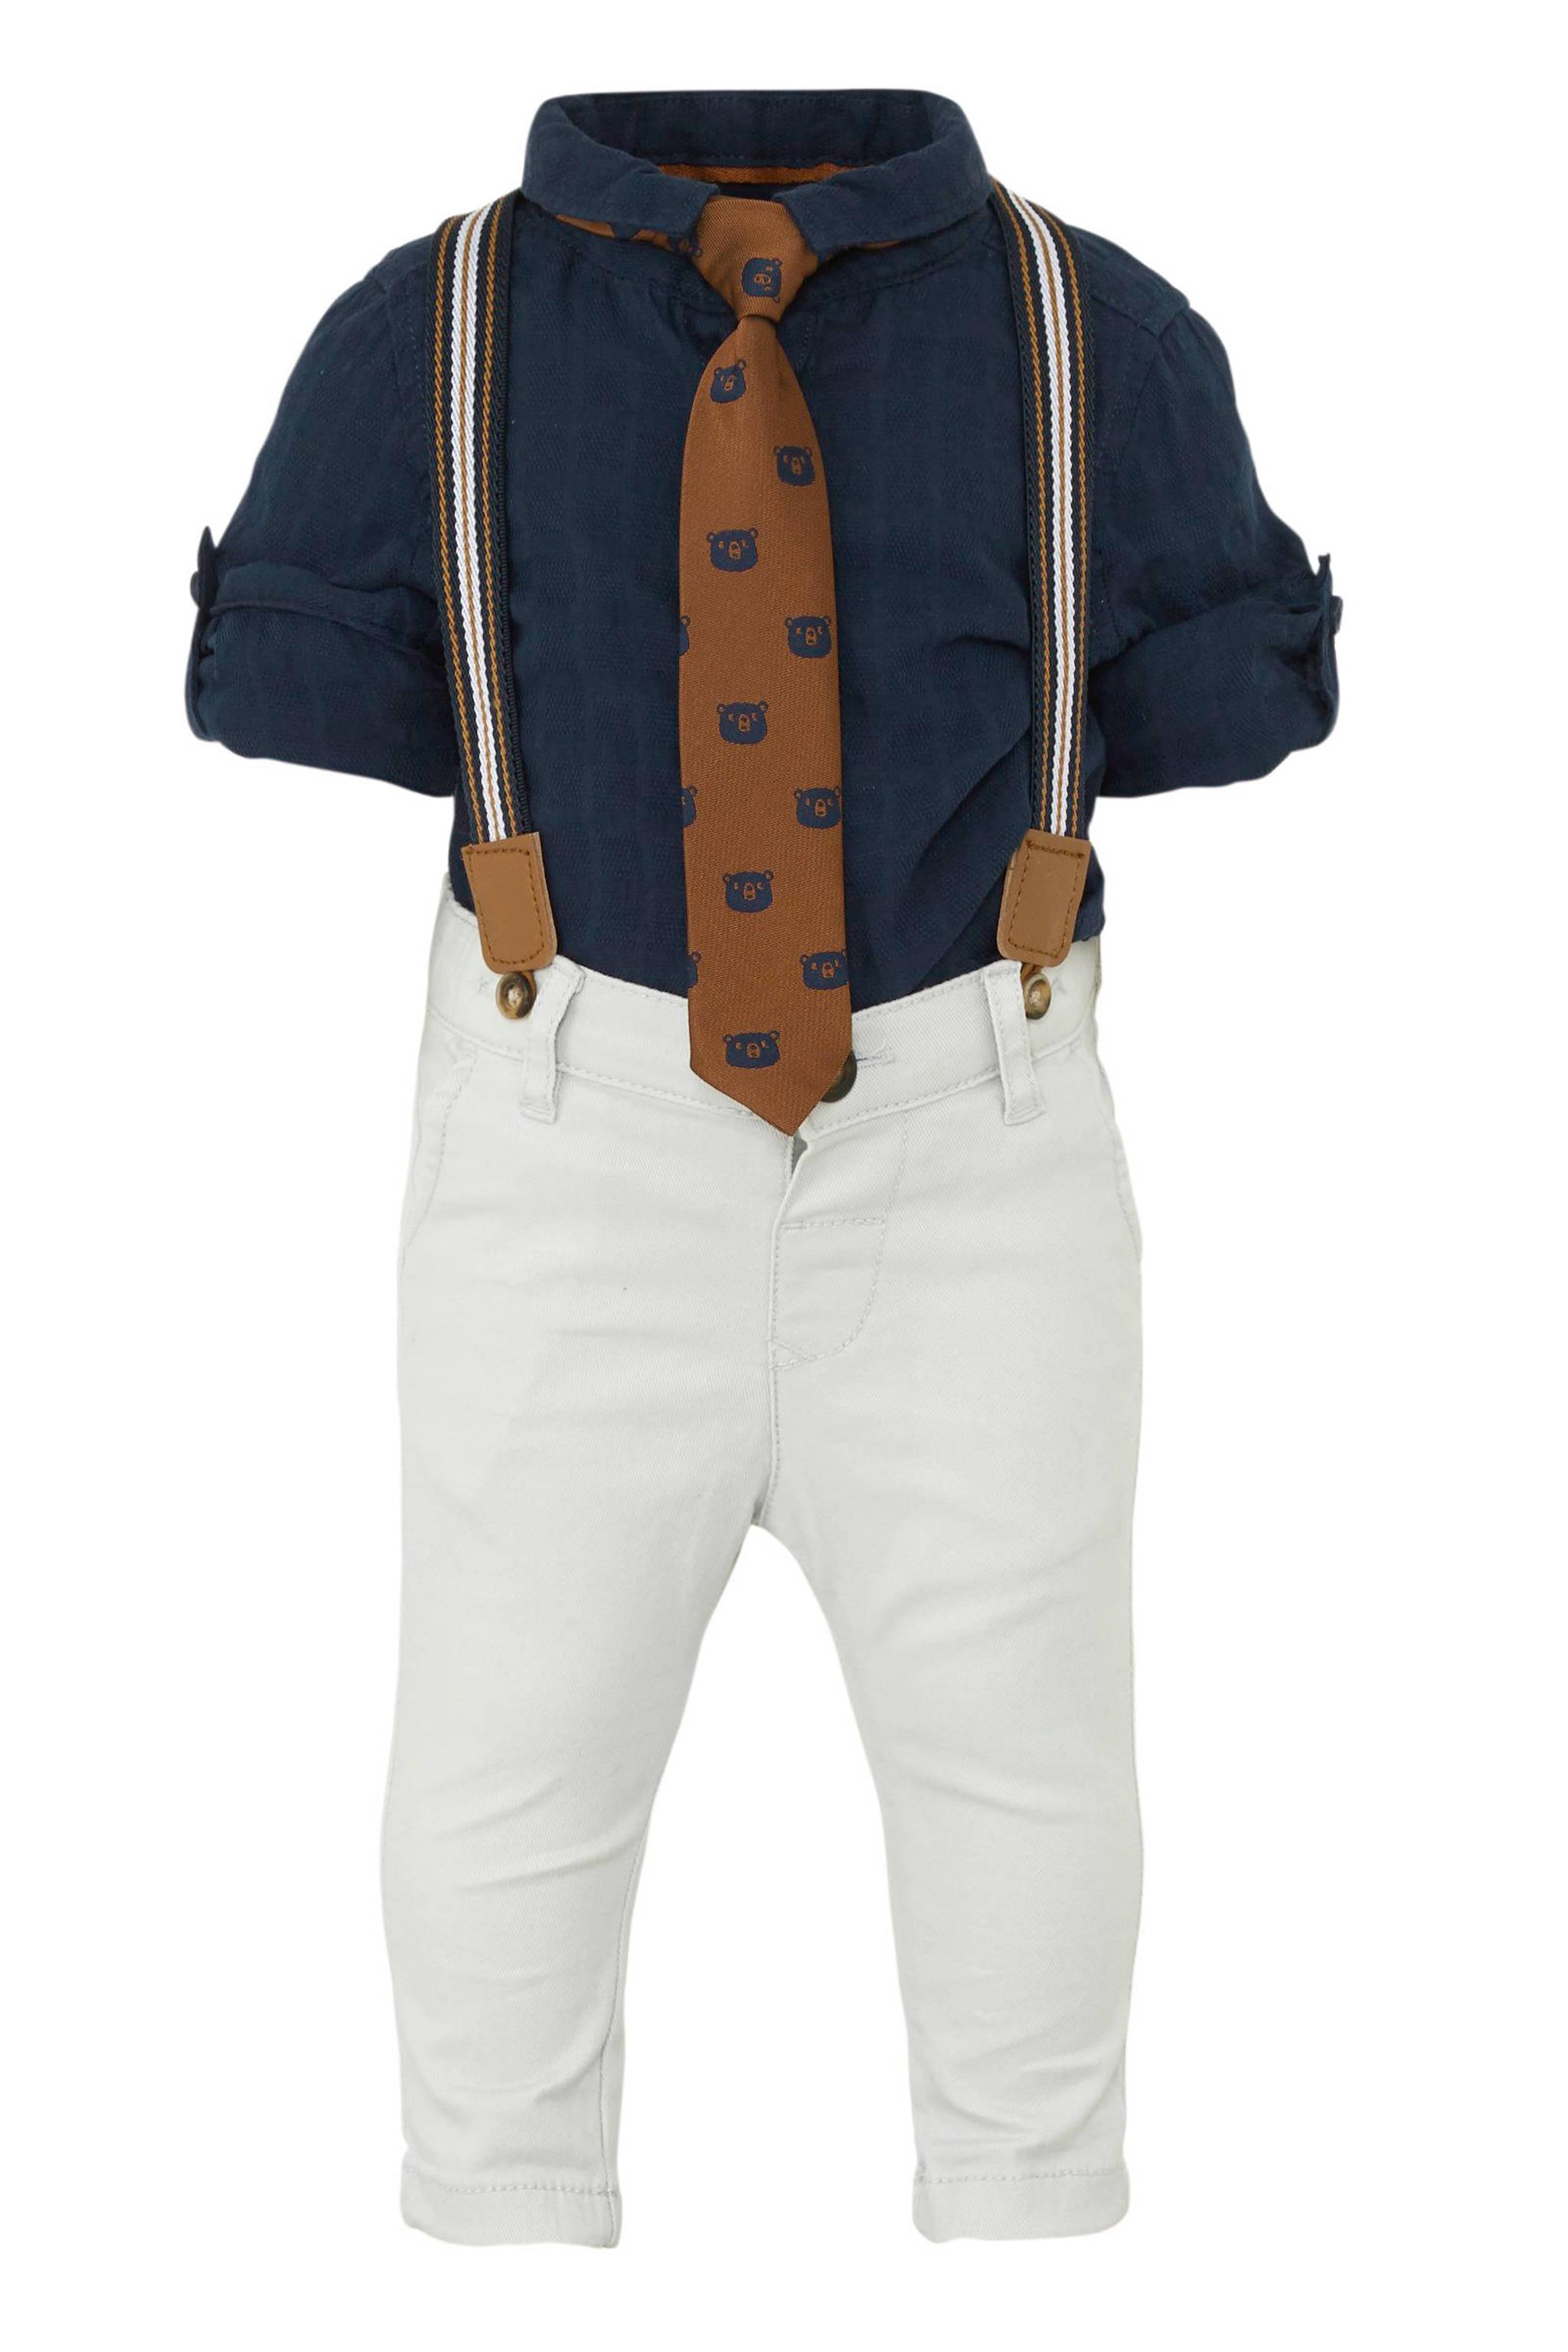 Onwijs C&A Baby Club overhemd + broek + stropdas   wehkamp HO-93